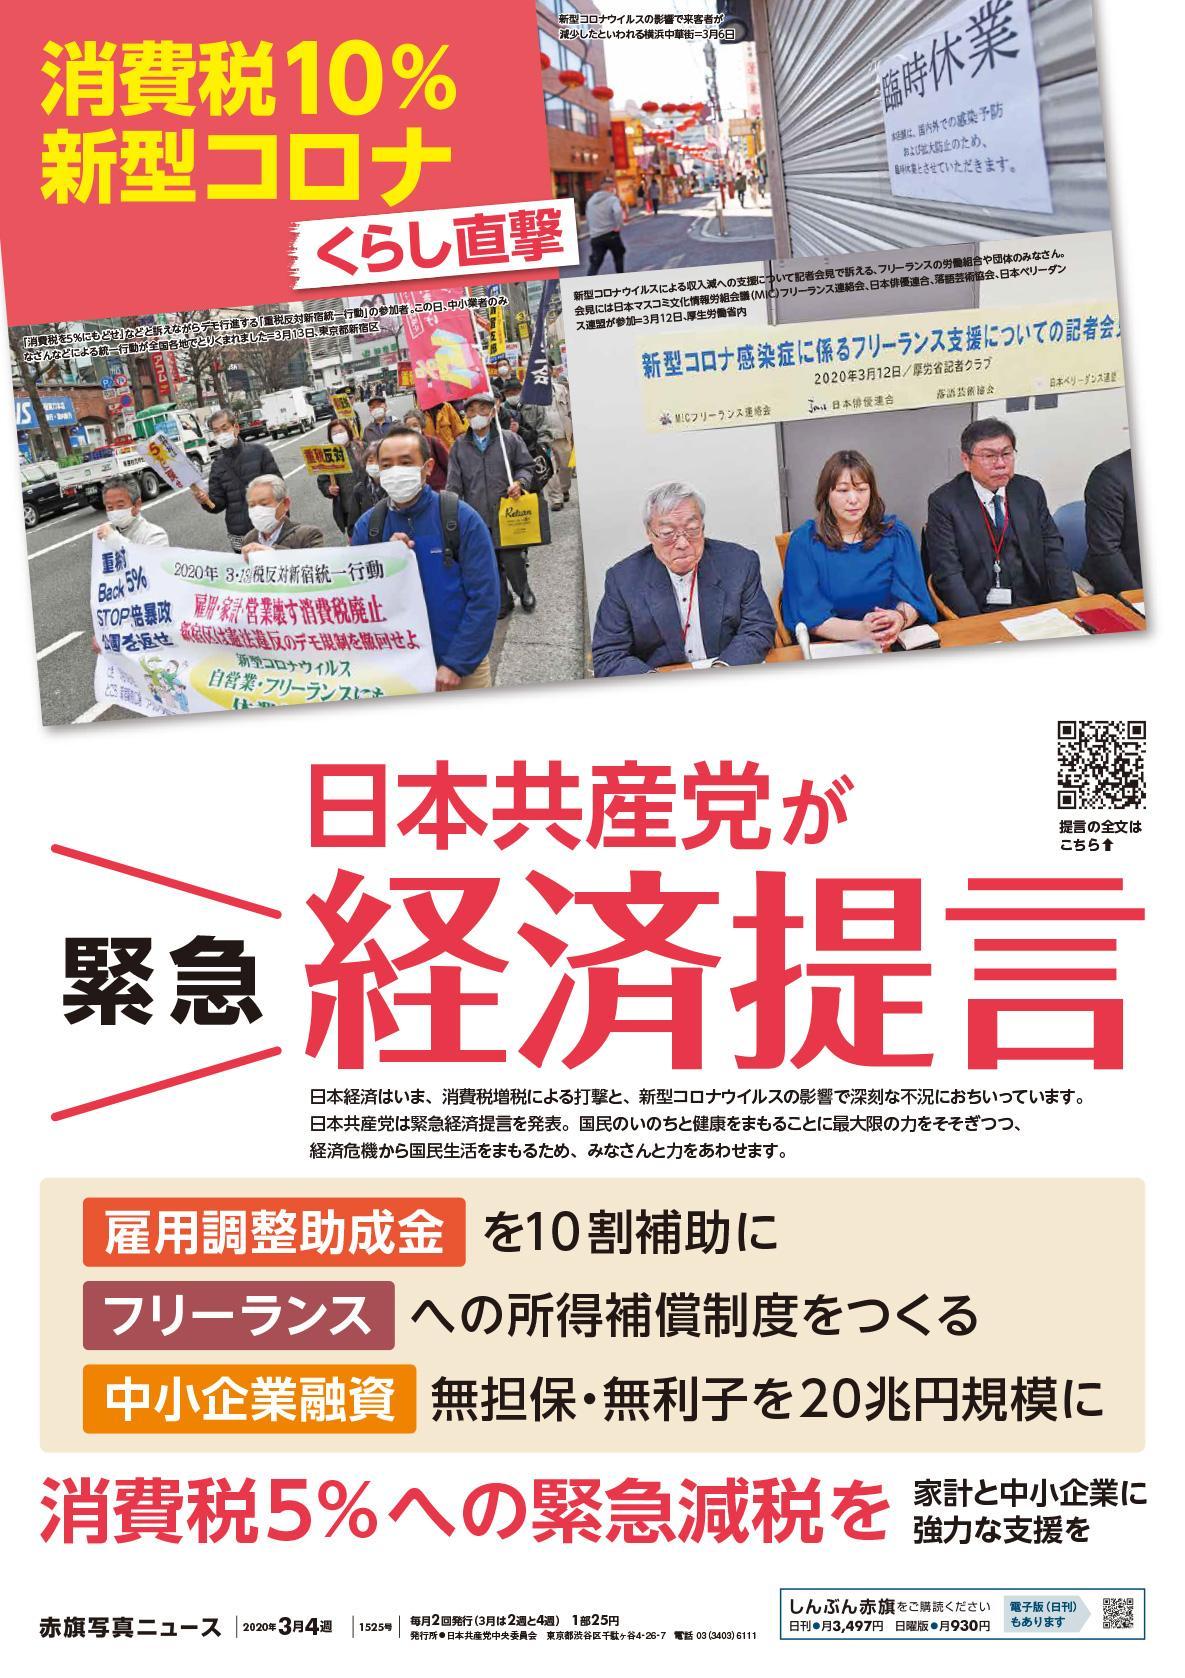 日本共産党が緊急経済提言 消費税10% 新型コロナ くらし直撃